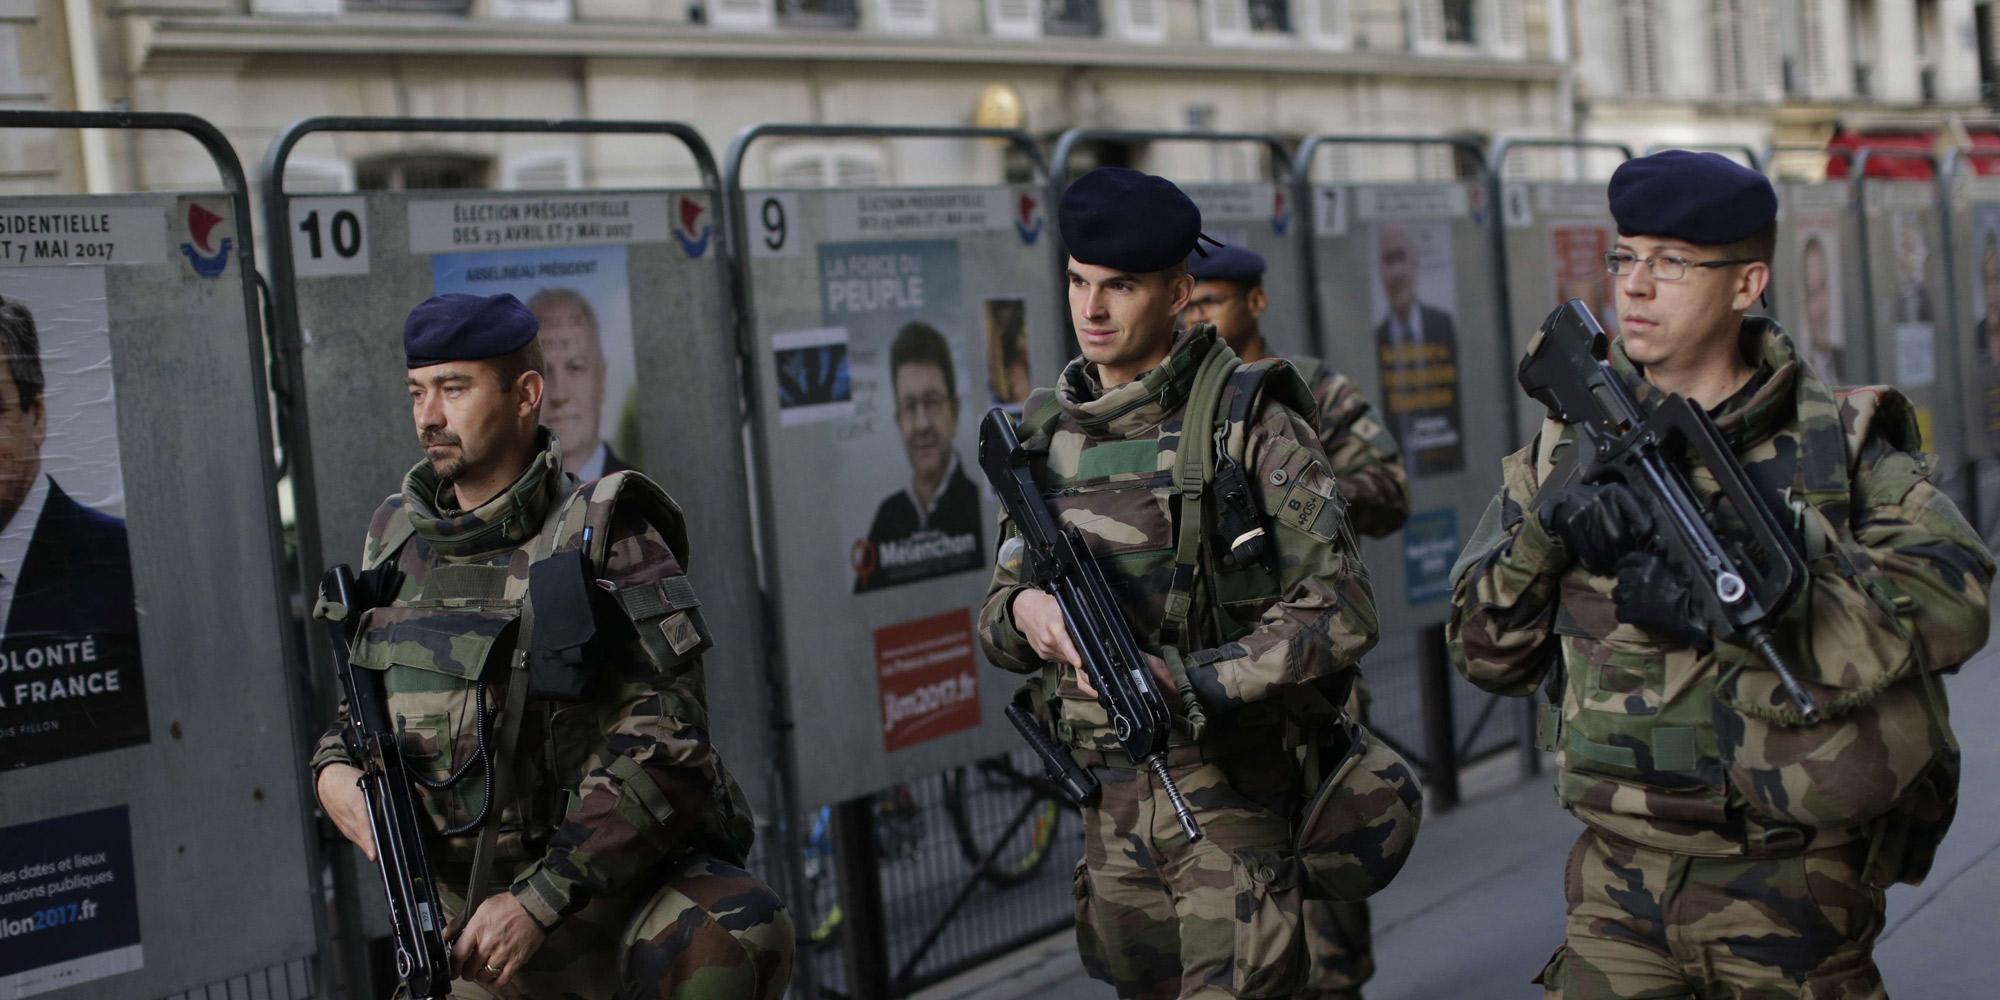 Opération antiterroriste : cinq arrestations en France, des armes saisies